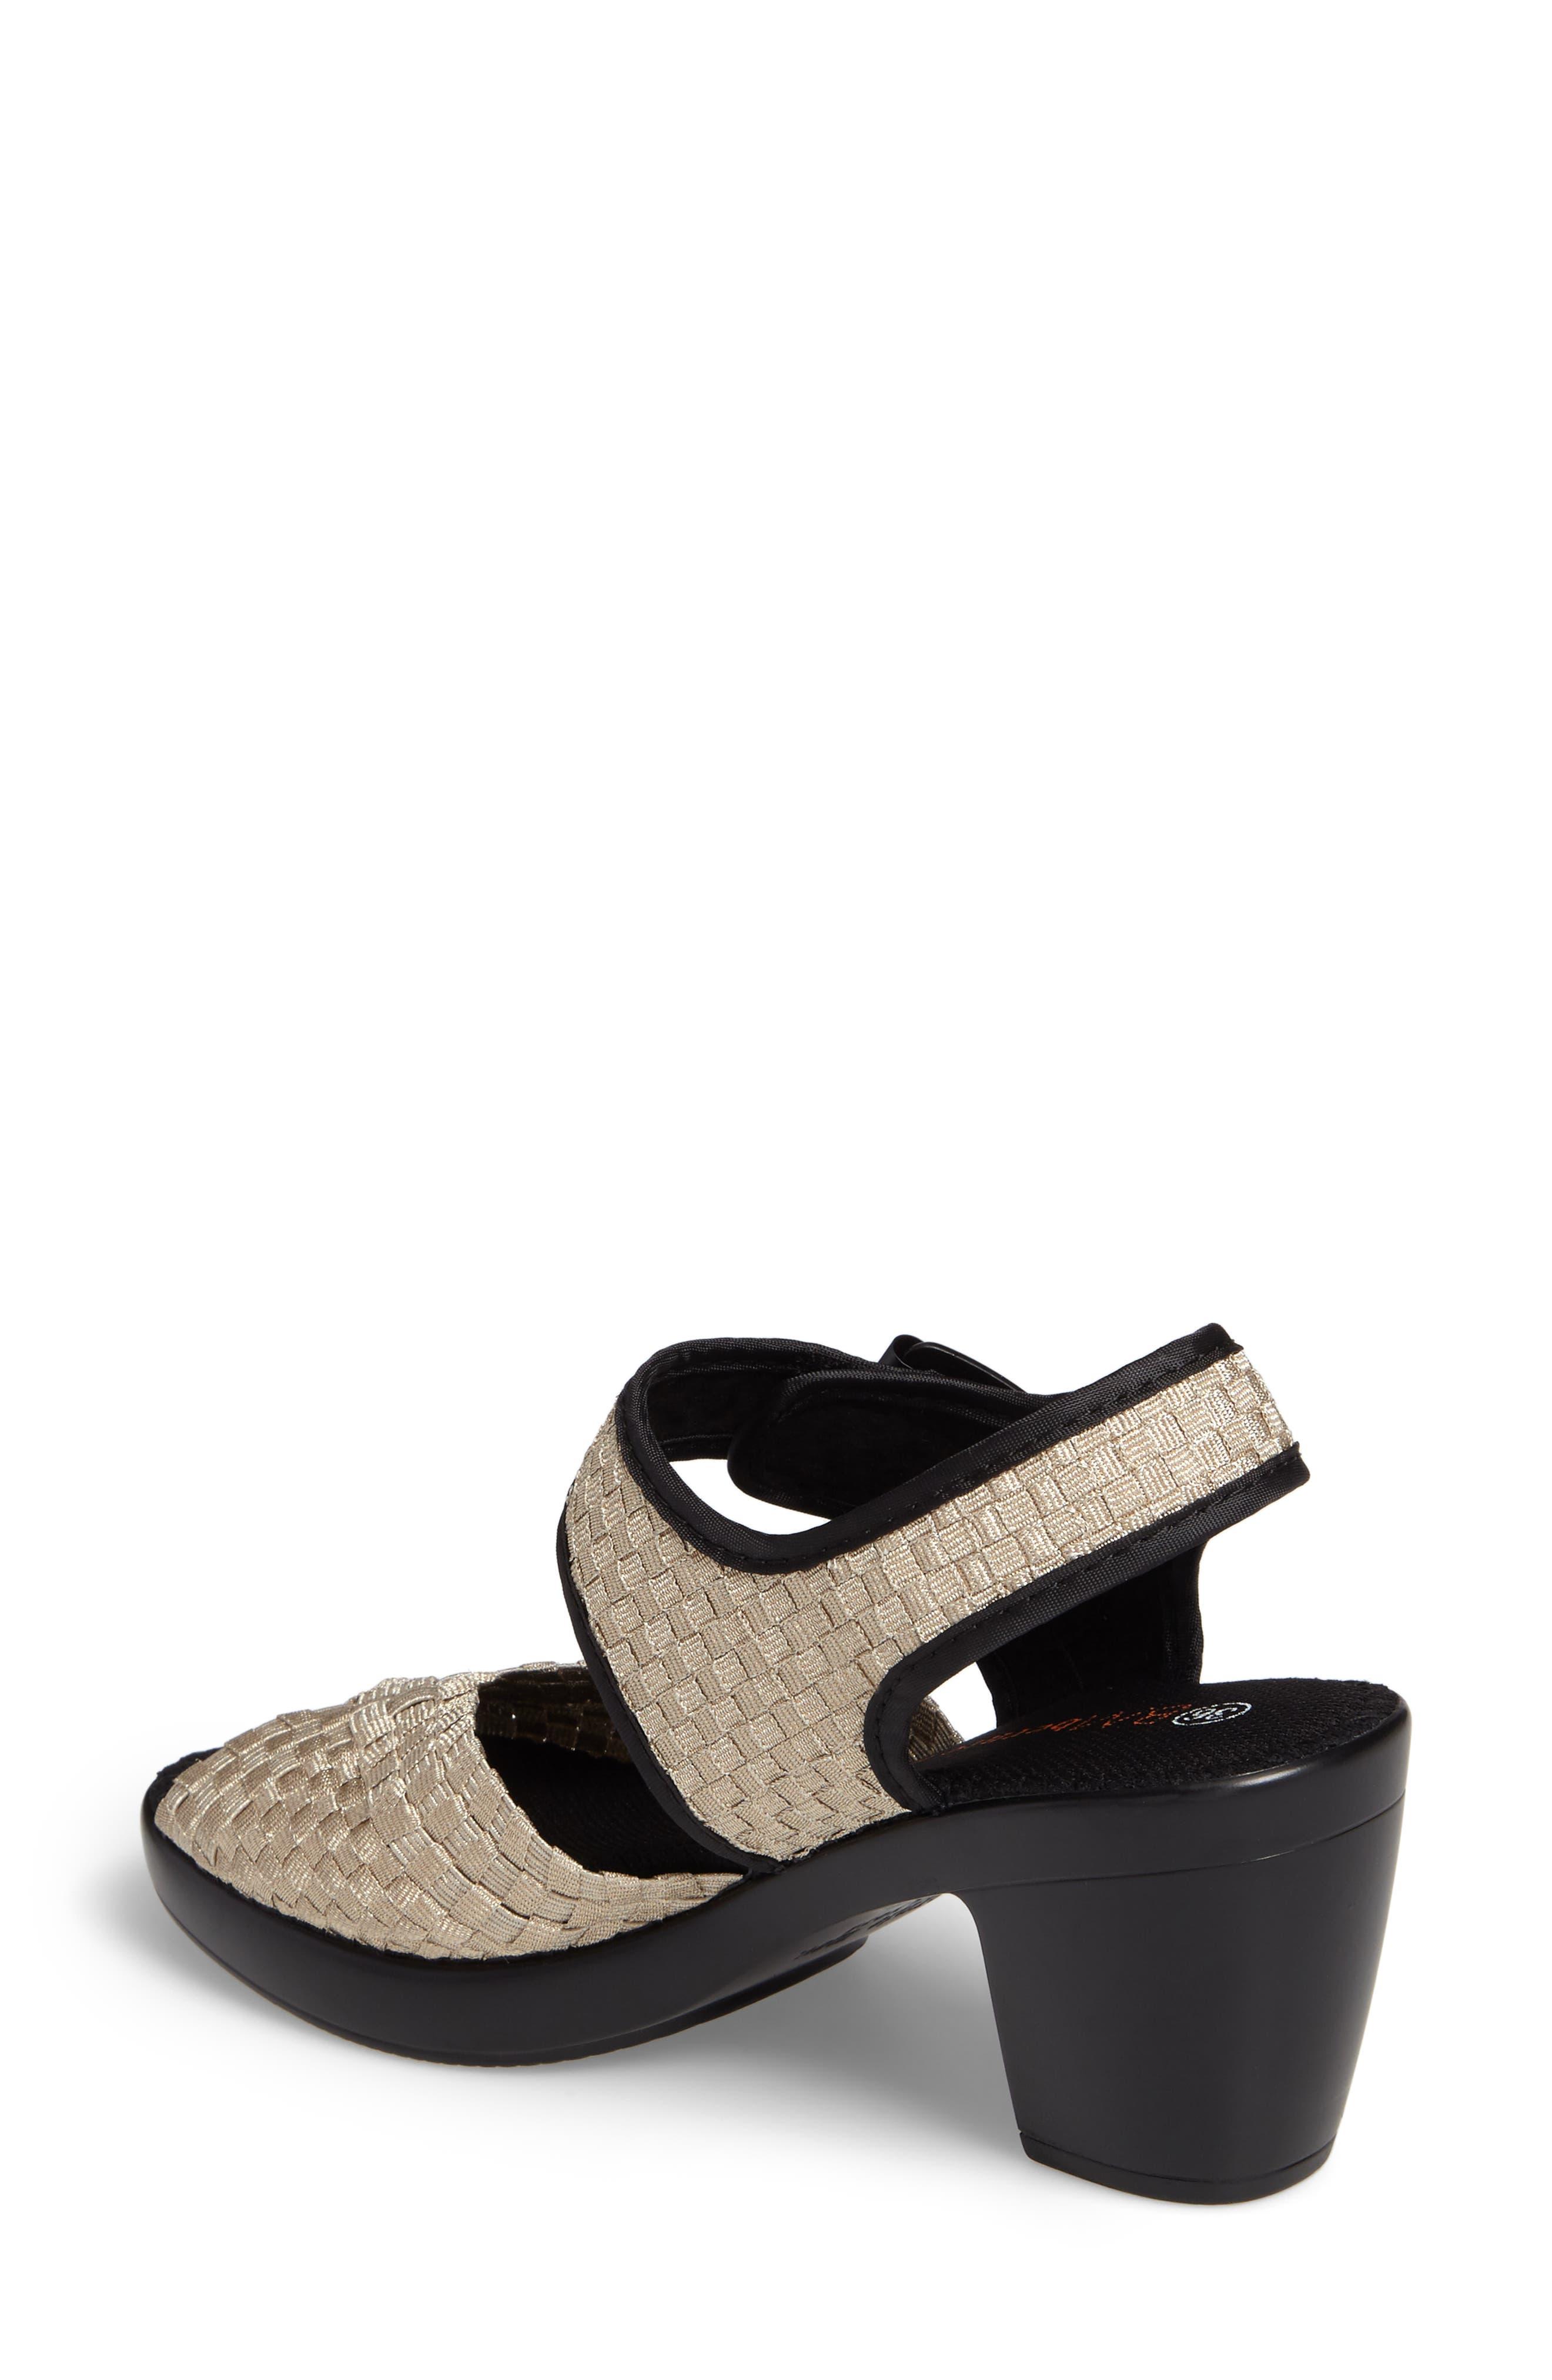 'Drisco' Platform Sandal,                             Alternate thumbnail 2, color,                             718